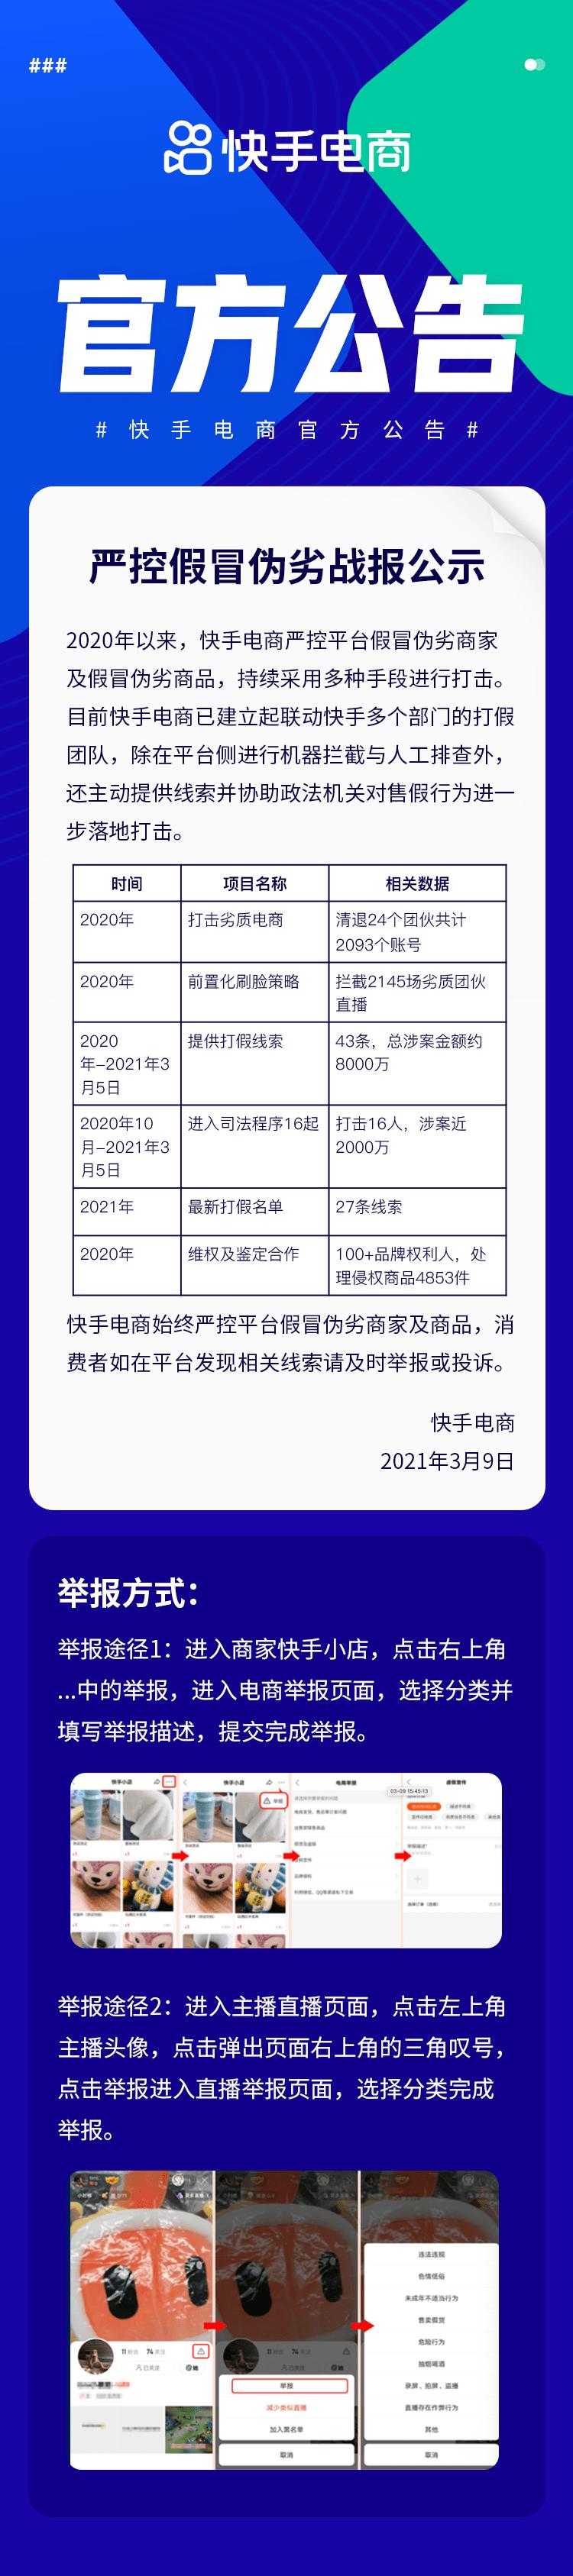 """严打假冒伪劣快手电商列出2021""""追杀""""黑名单"""